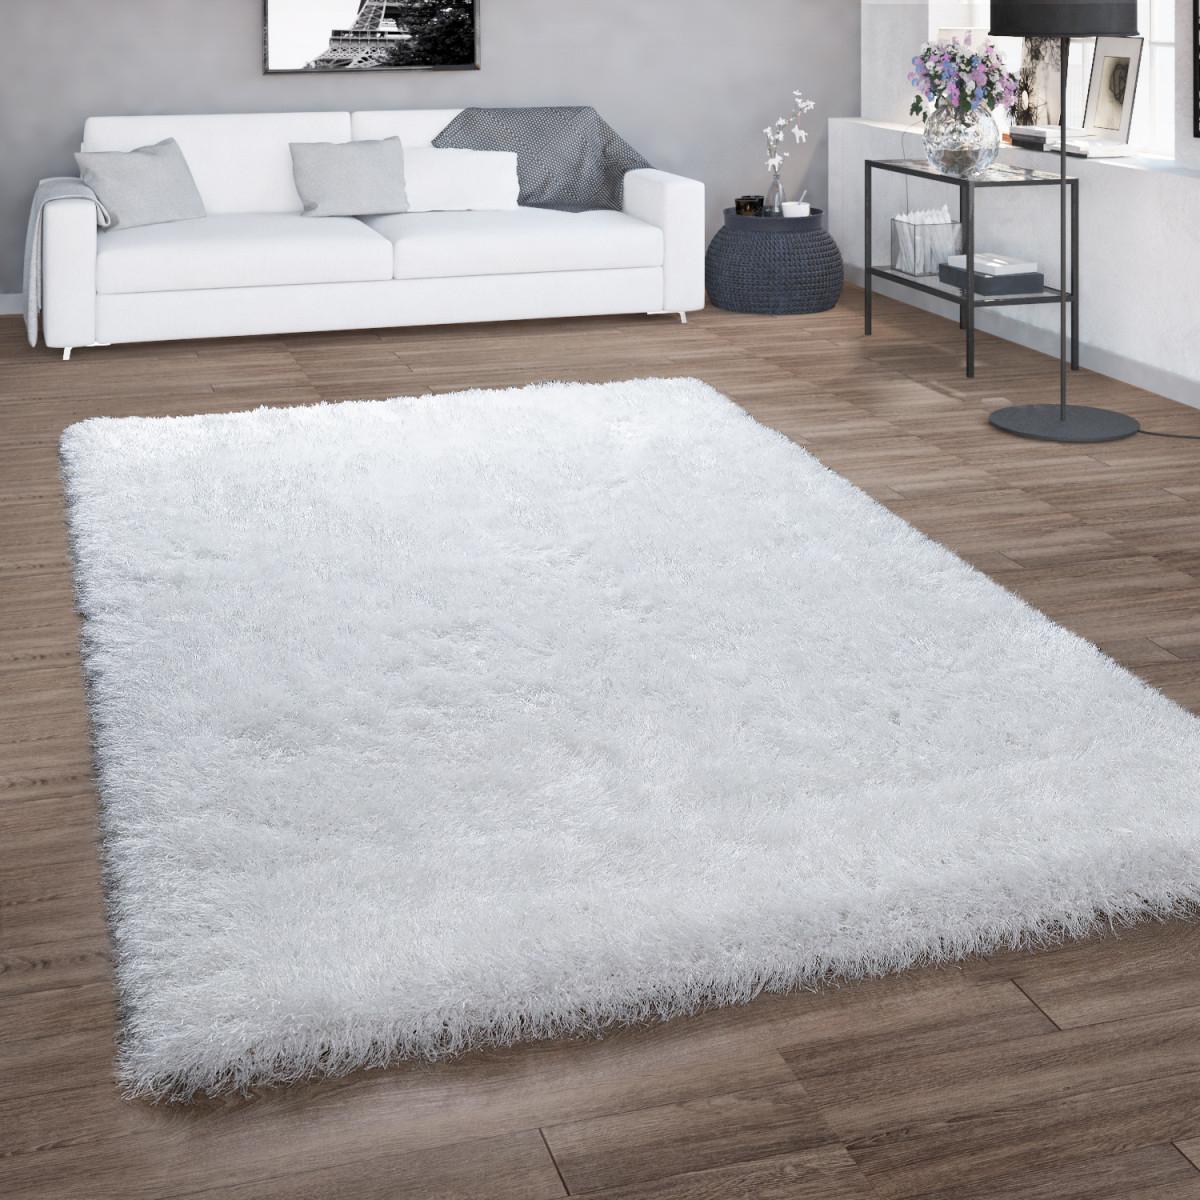 Hochflorteppich Shaggy Für Wohnzimmer Mit Glitzergarn Einfarbig In Weiß von Wohnzimmer Teppich Weiß Photo